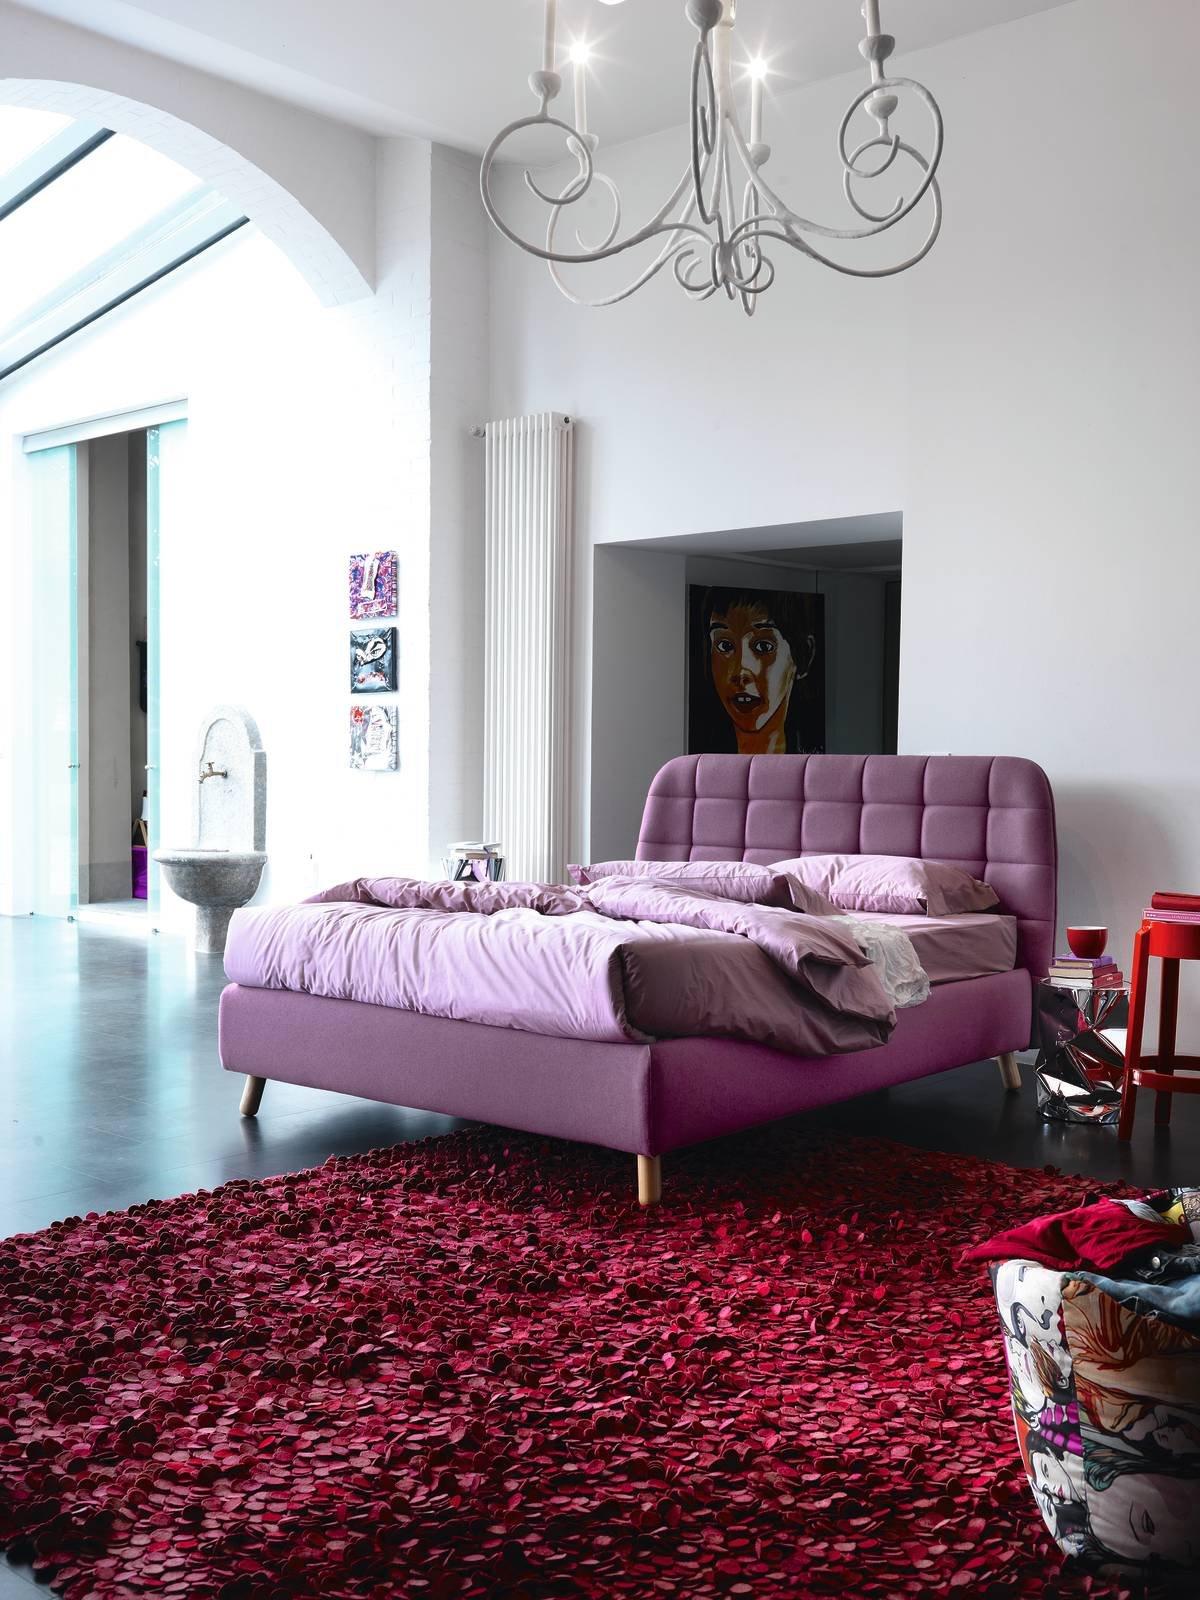 Noctis larry 160 amb letti colorati cose di casa for Noctis letti